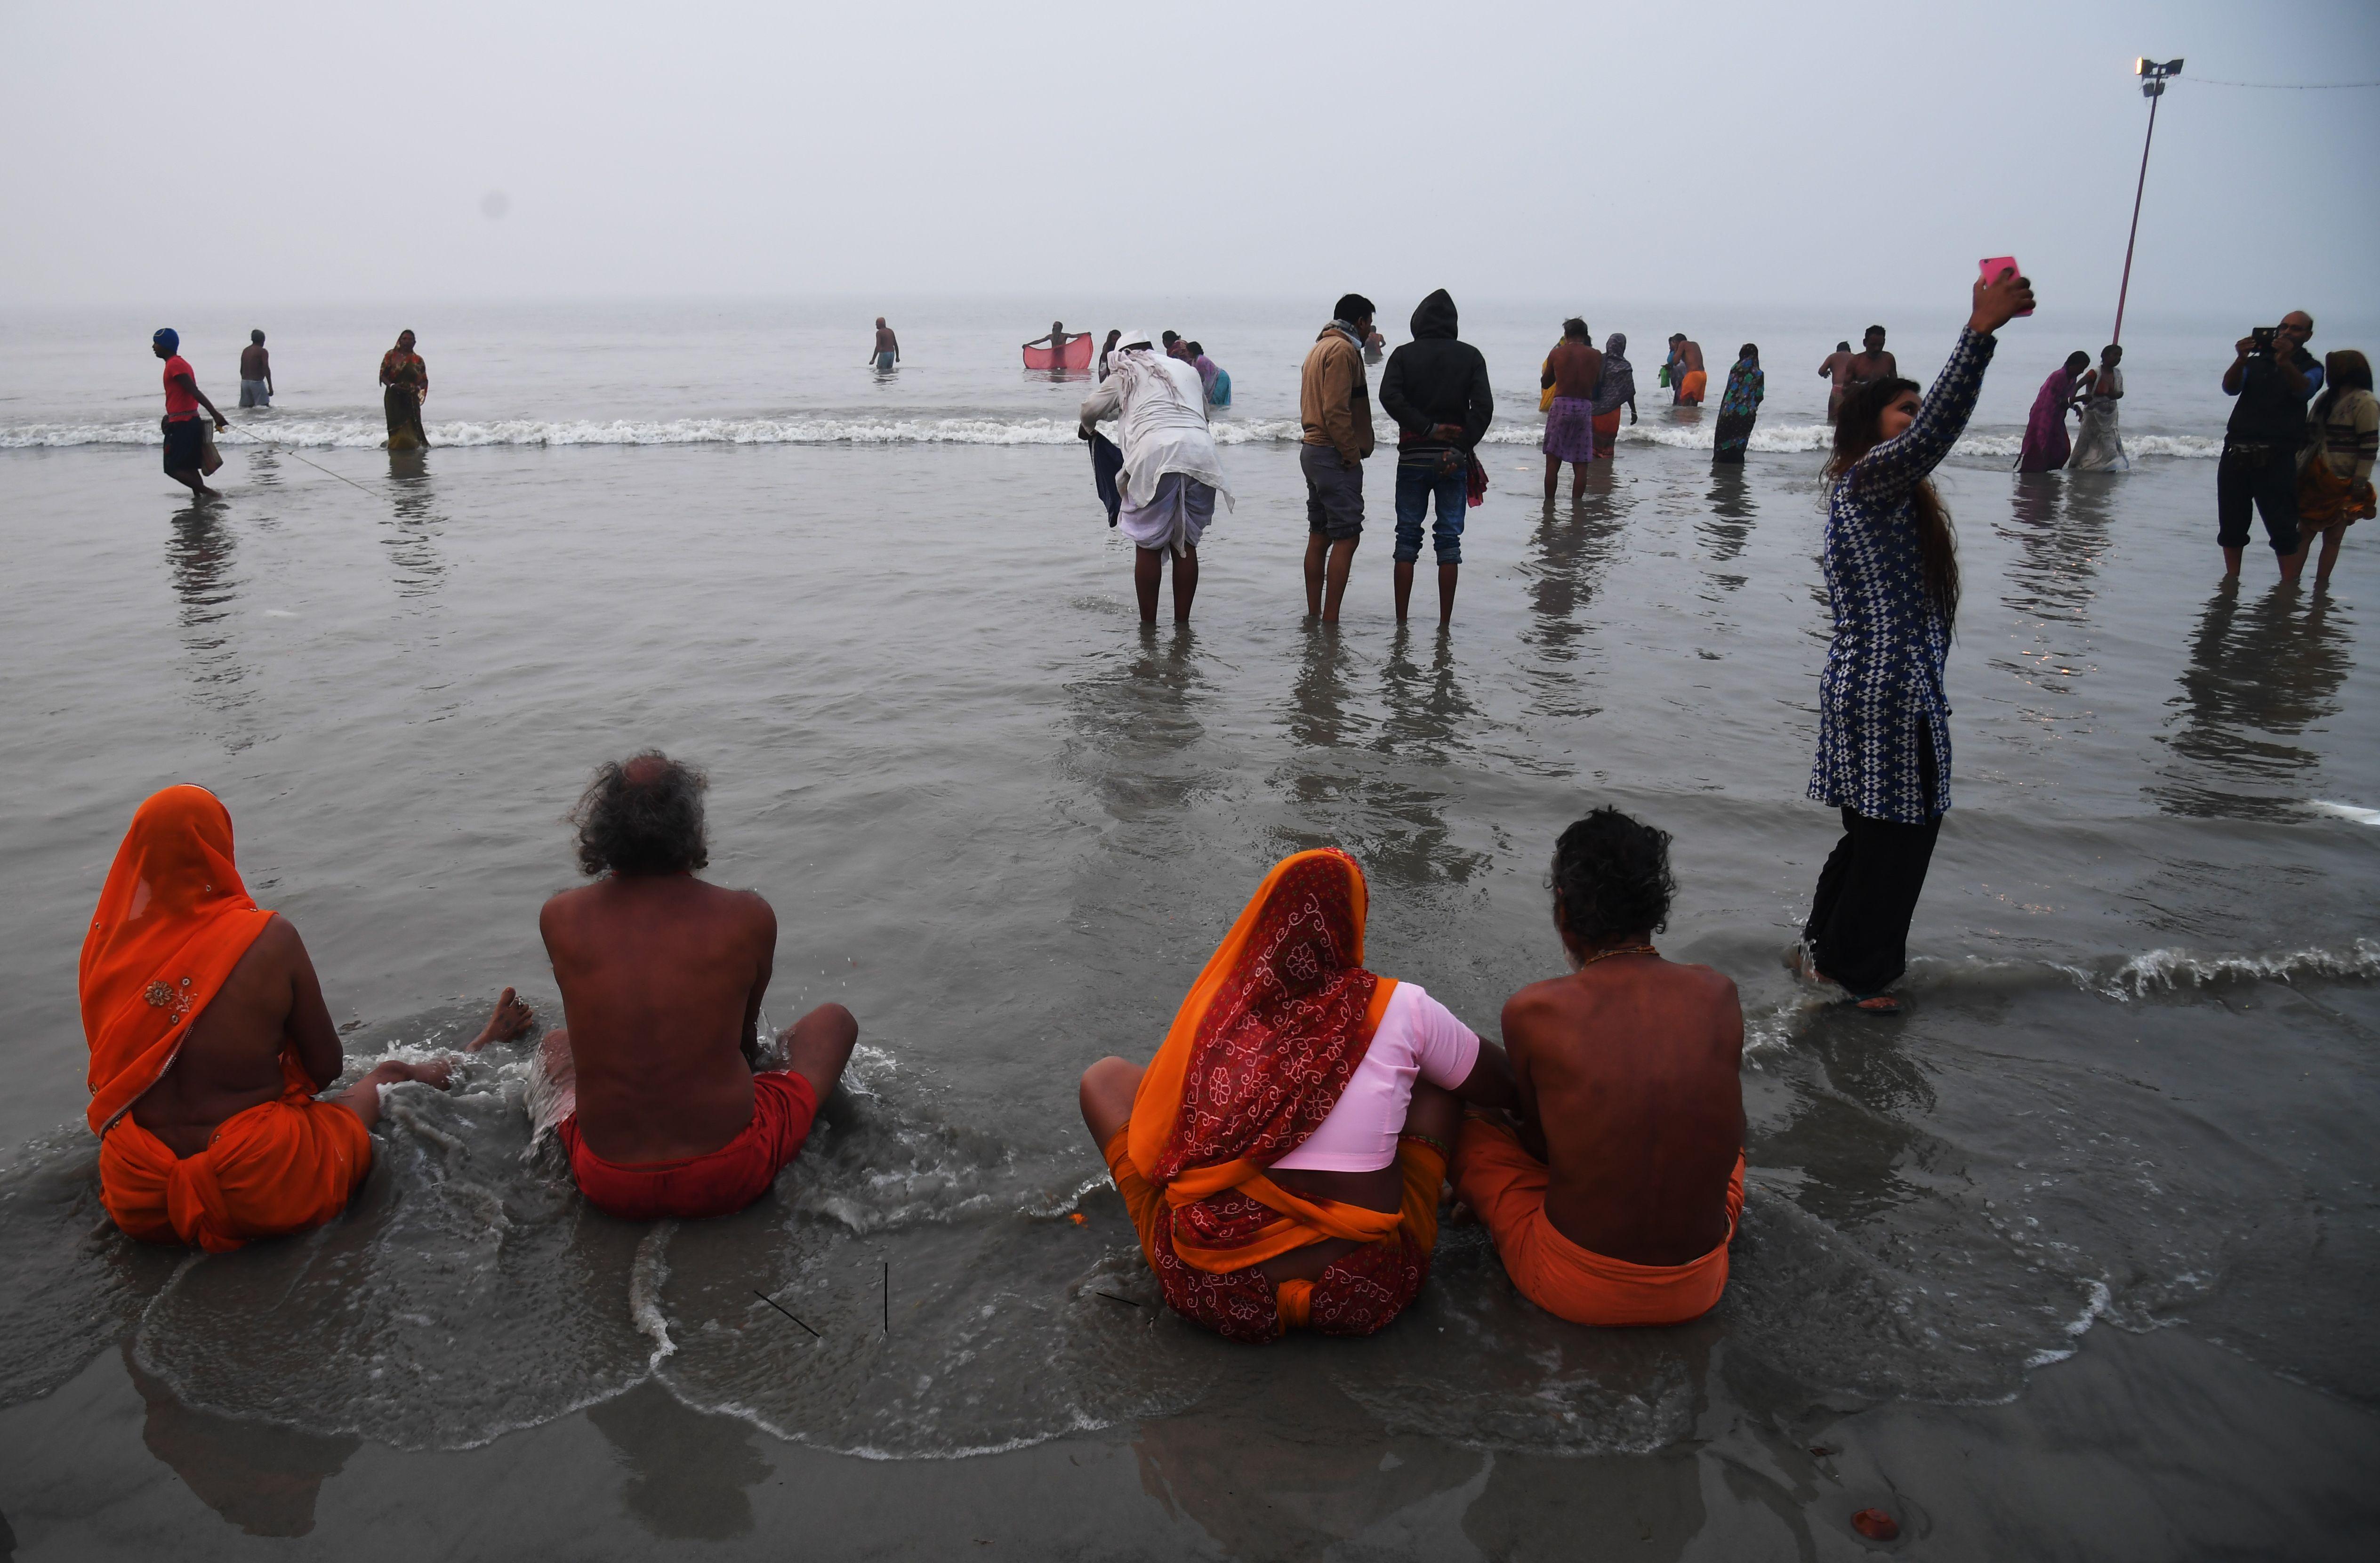 الهندوس يحجون ويستحمون فى نهر هندى